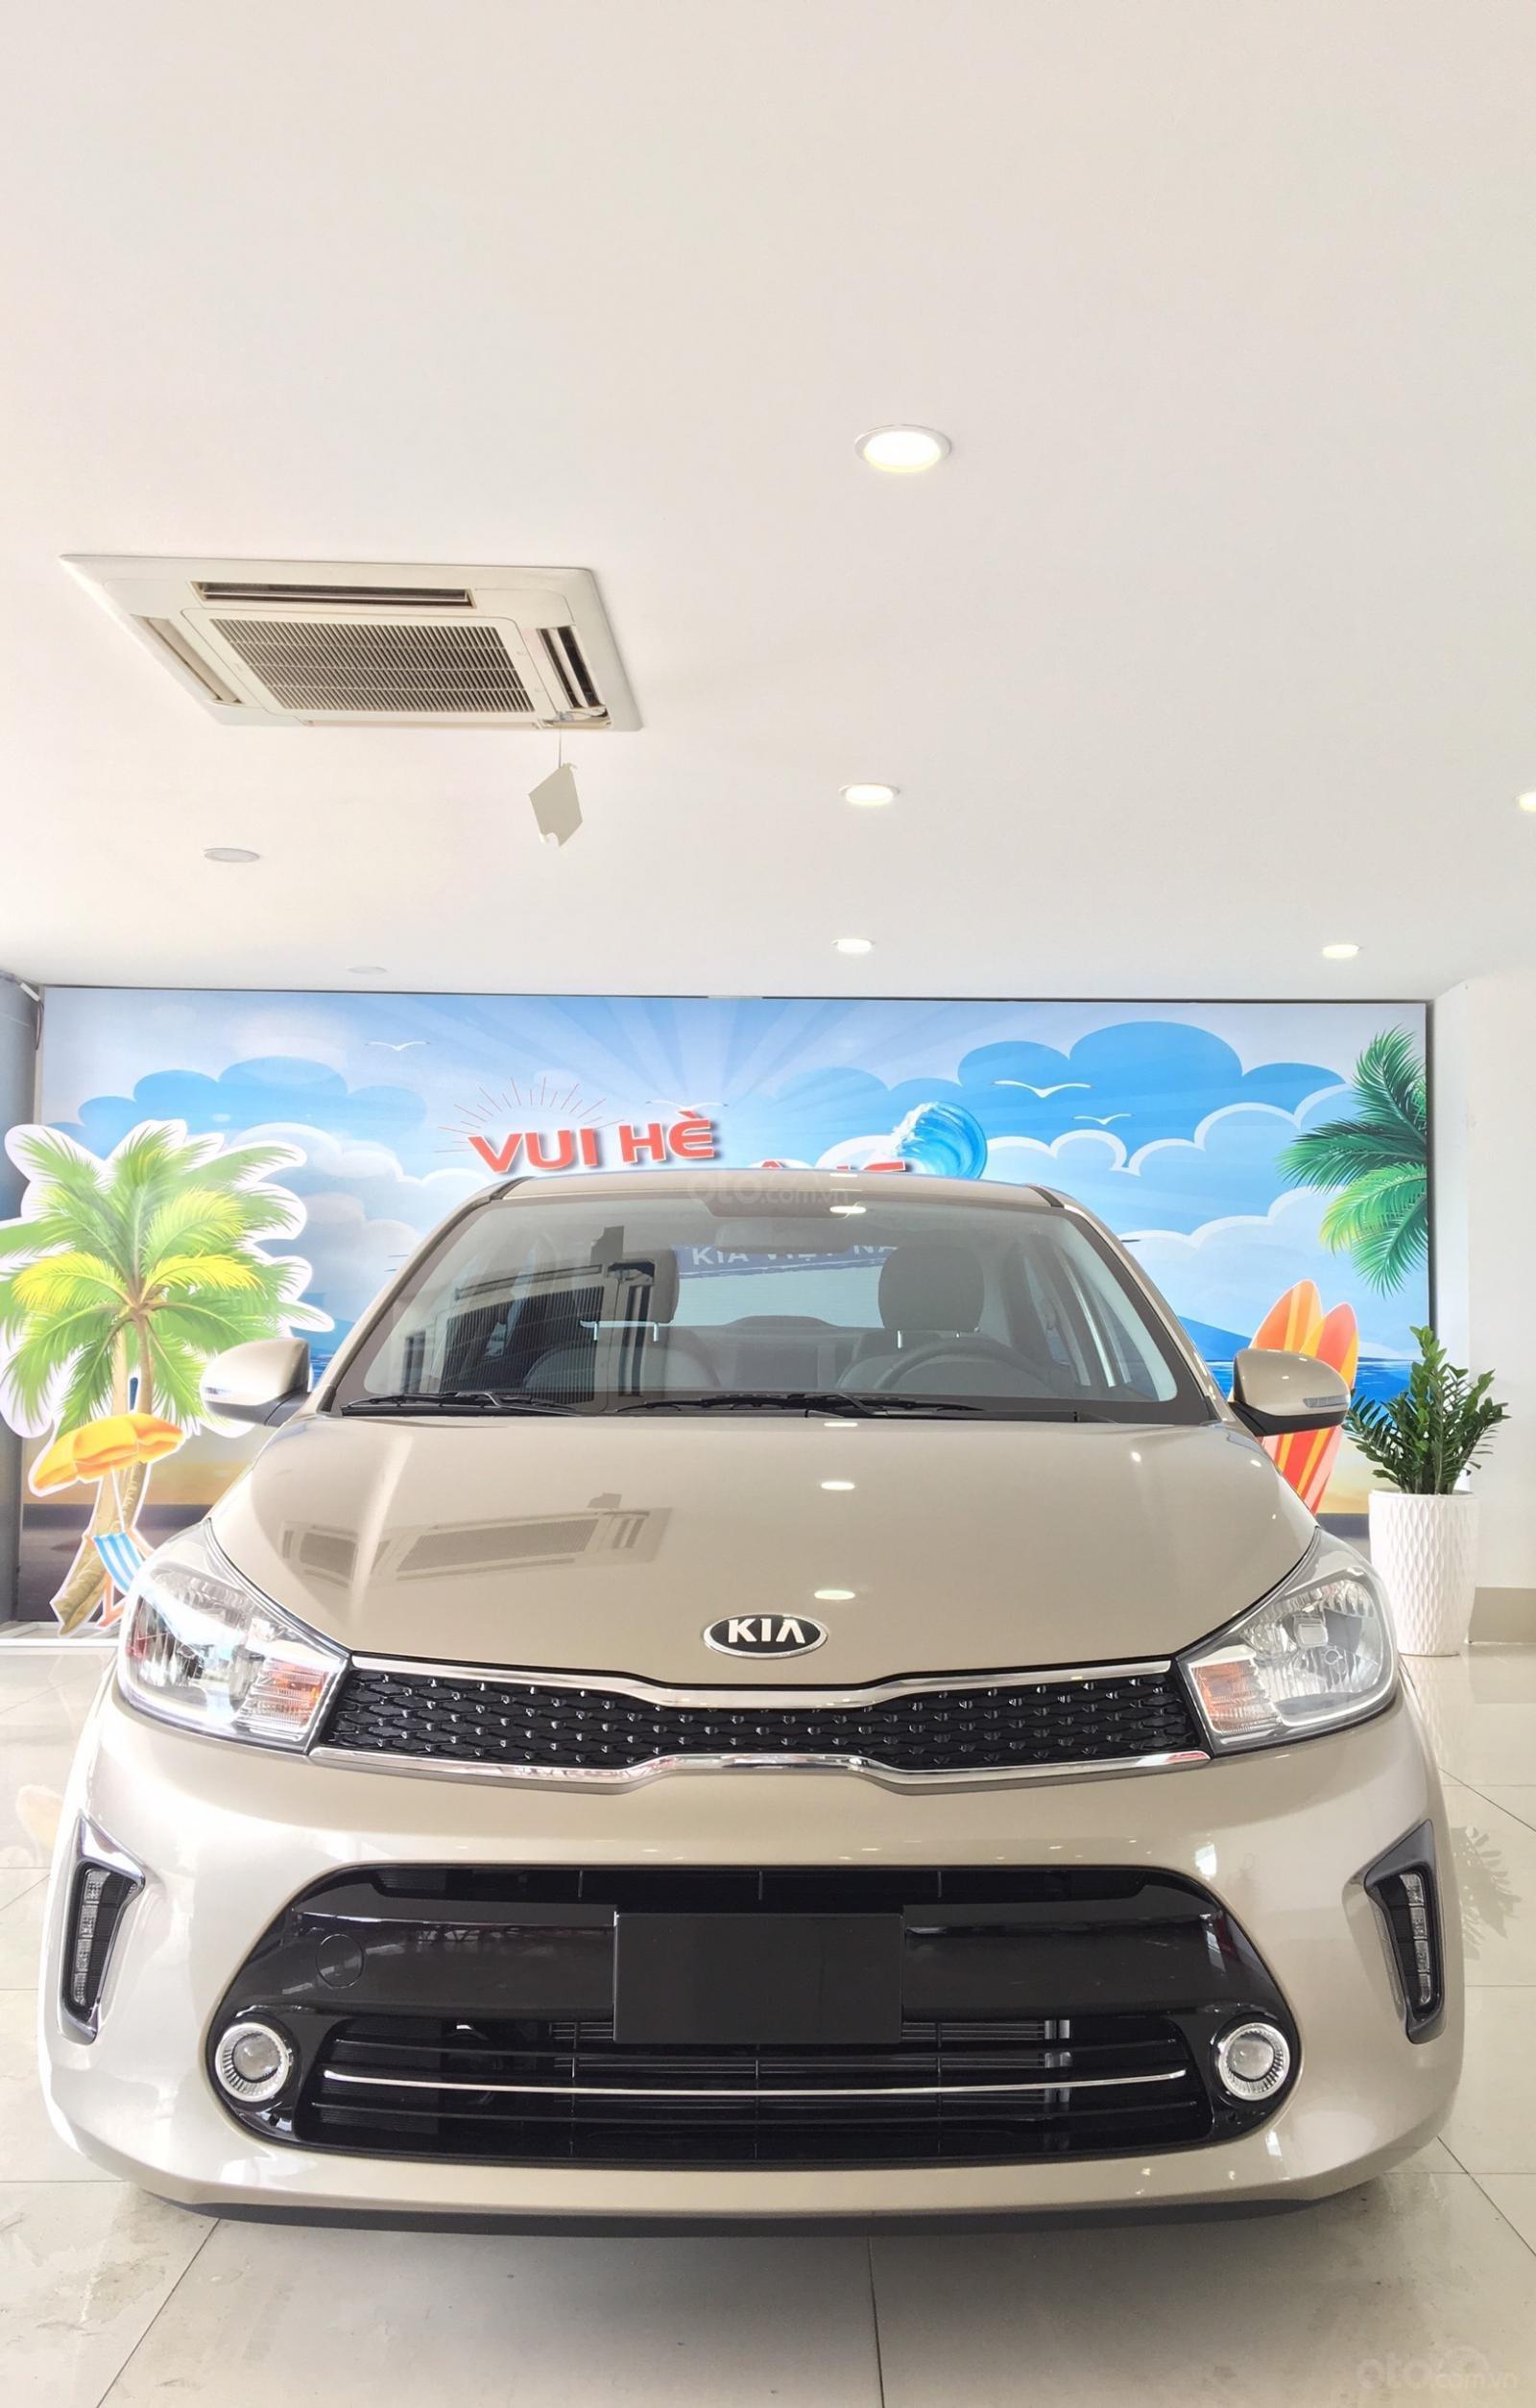 Soluto 2019 xe có sẵn, trả trước chỉ 134tr (2)